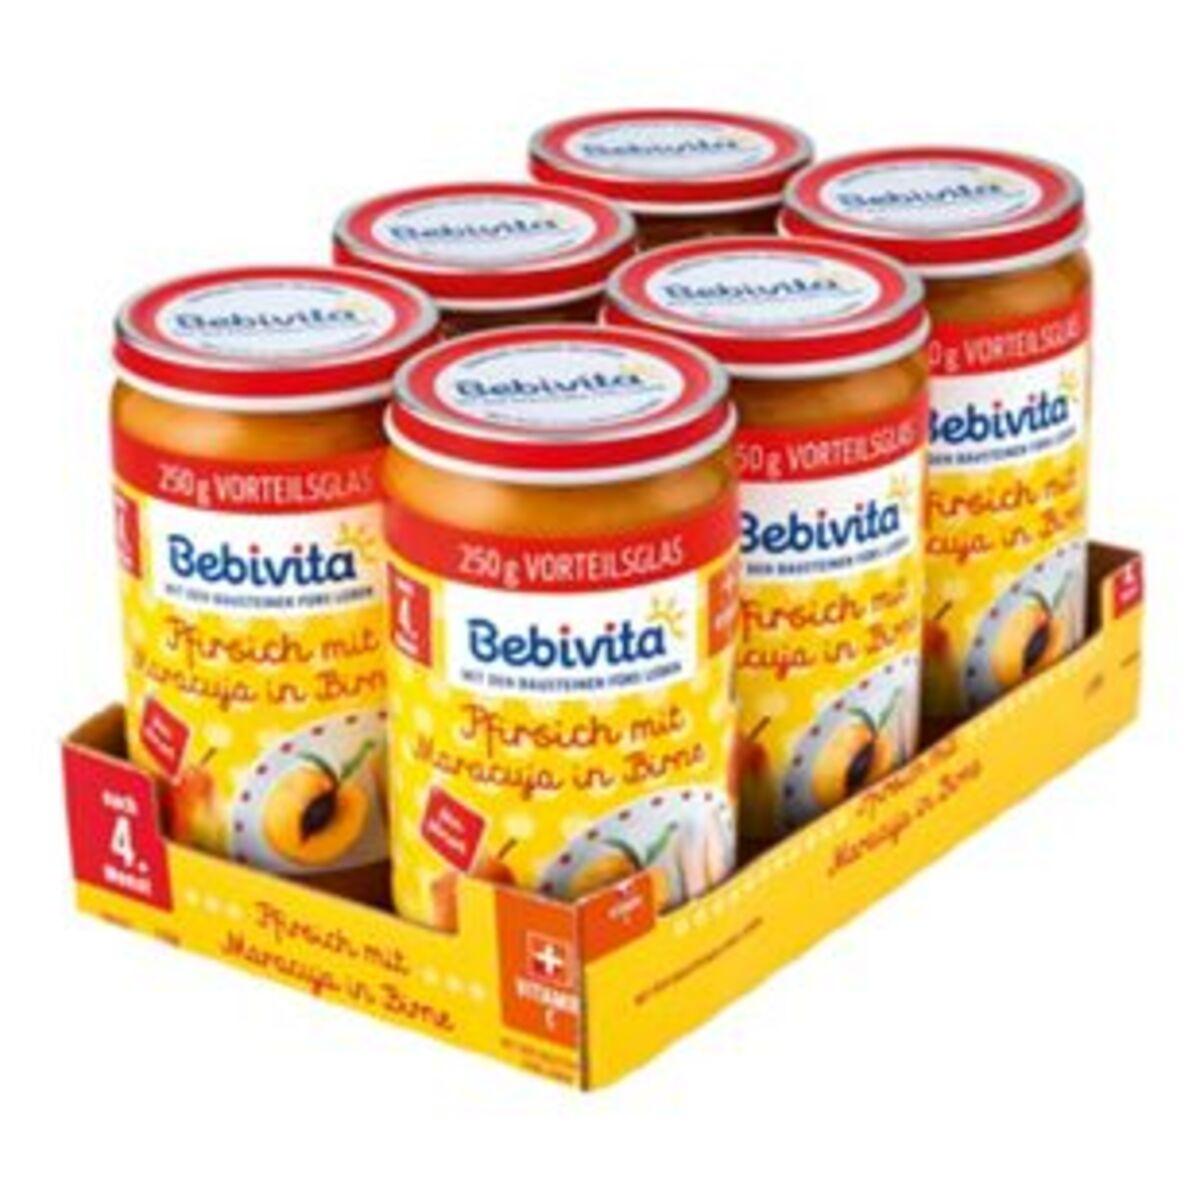 Bild 2 von Bebivita Pfirsich mit Maracuja in Birne 250 g, 6er Pack